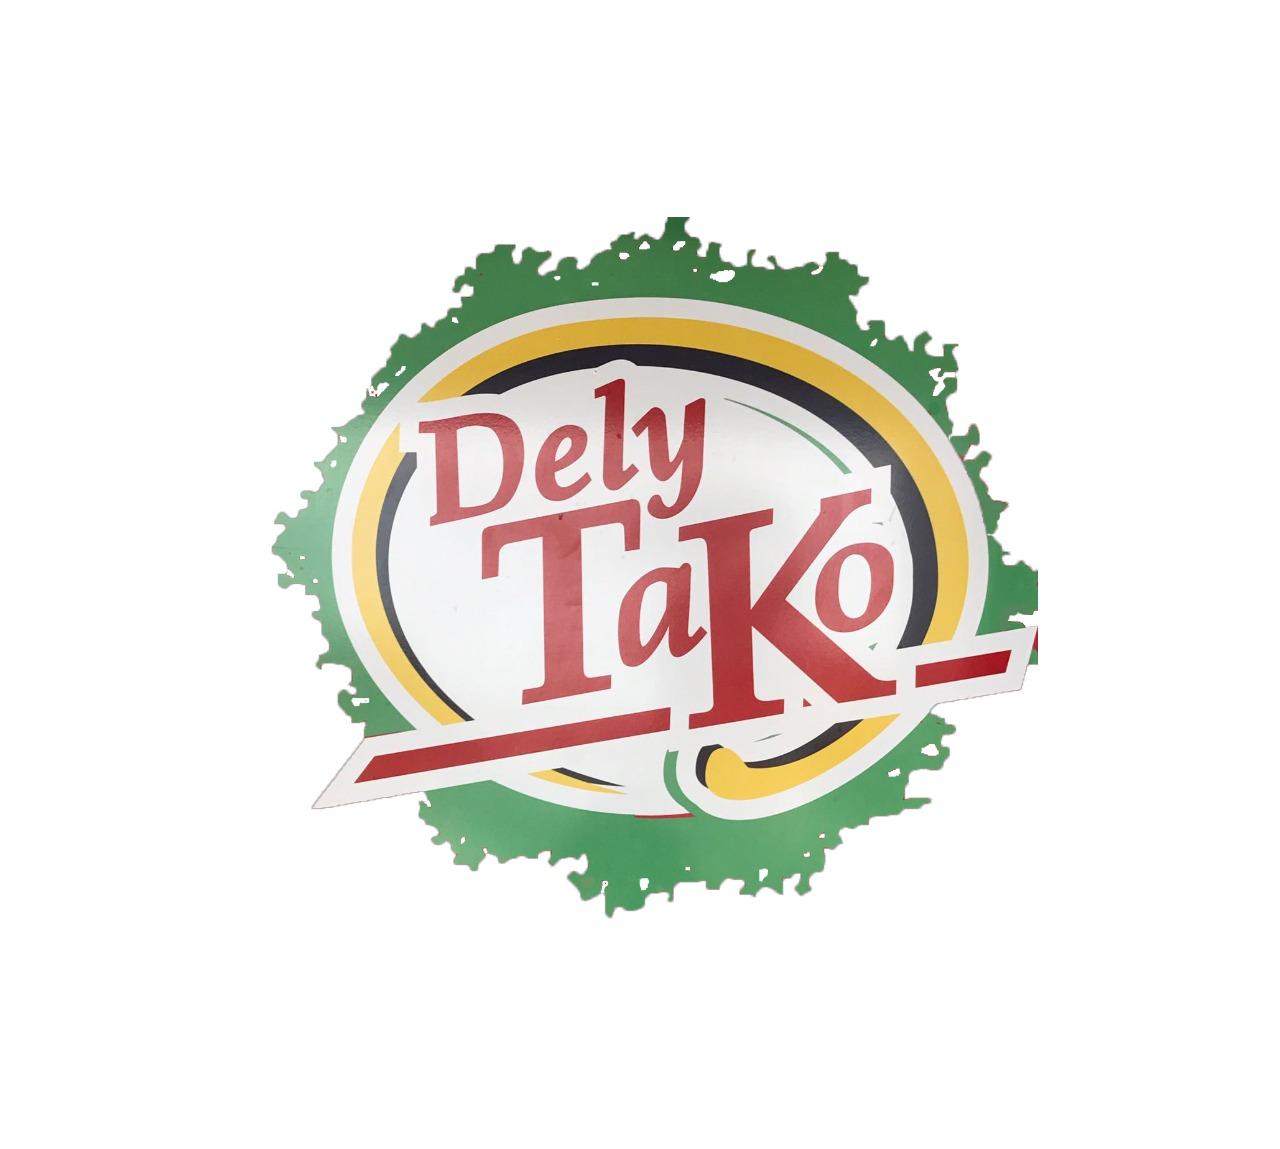 Dely Tako logo